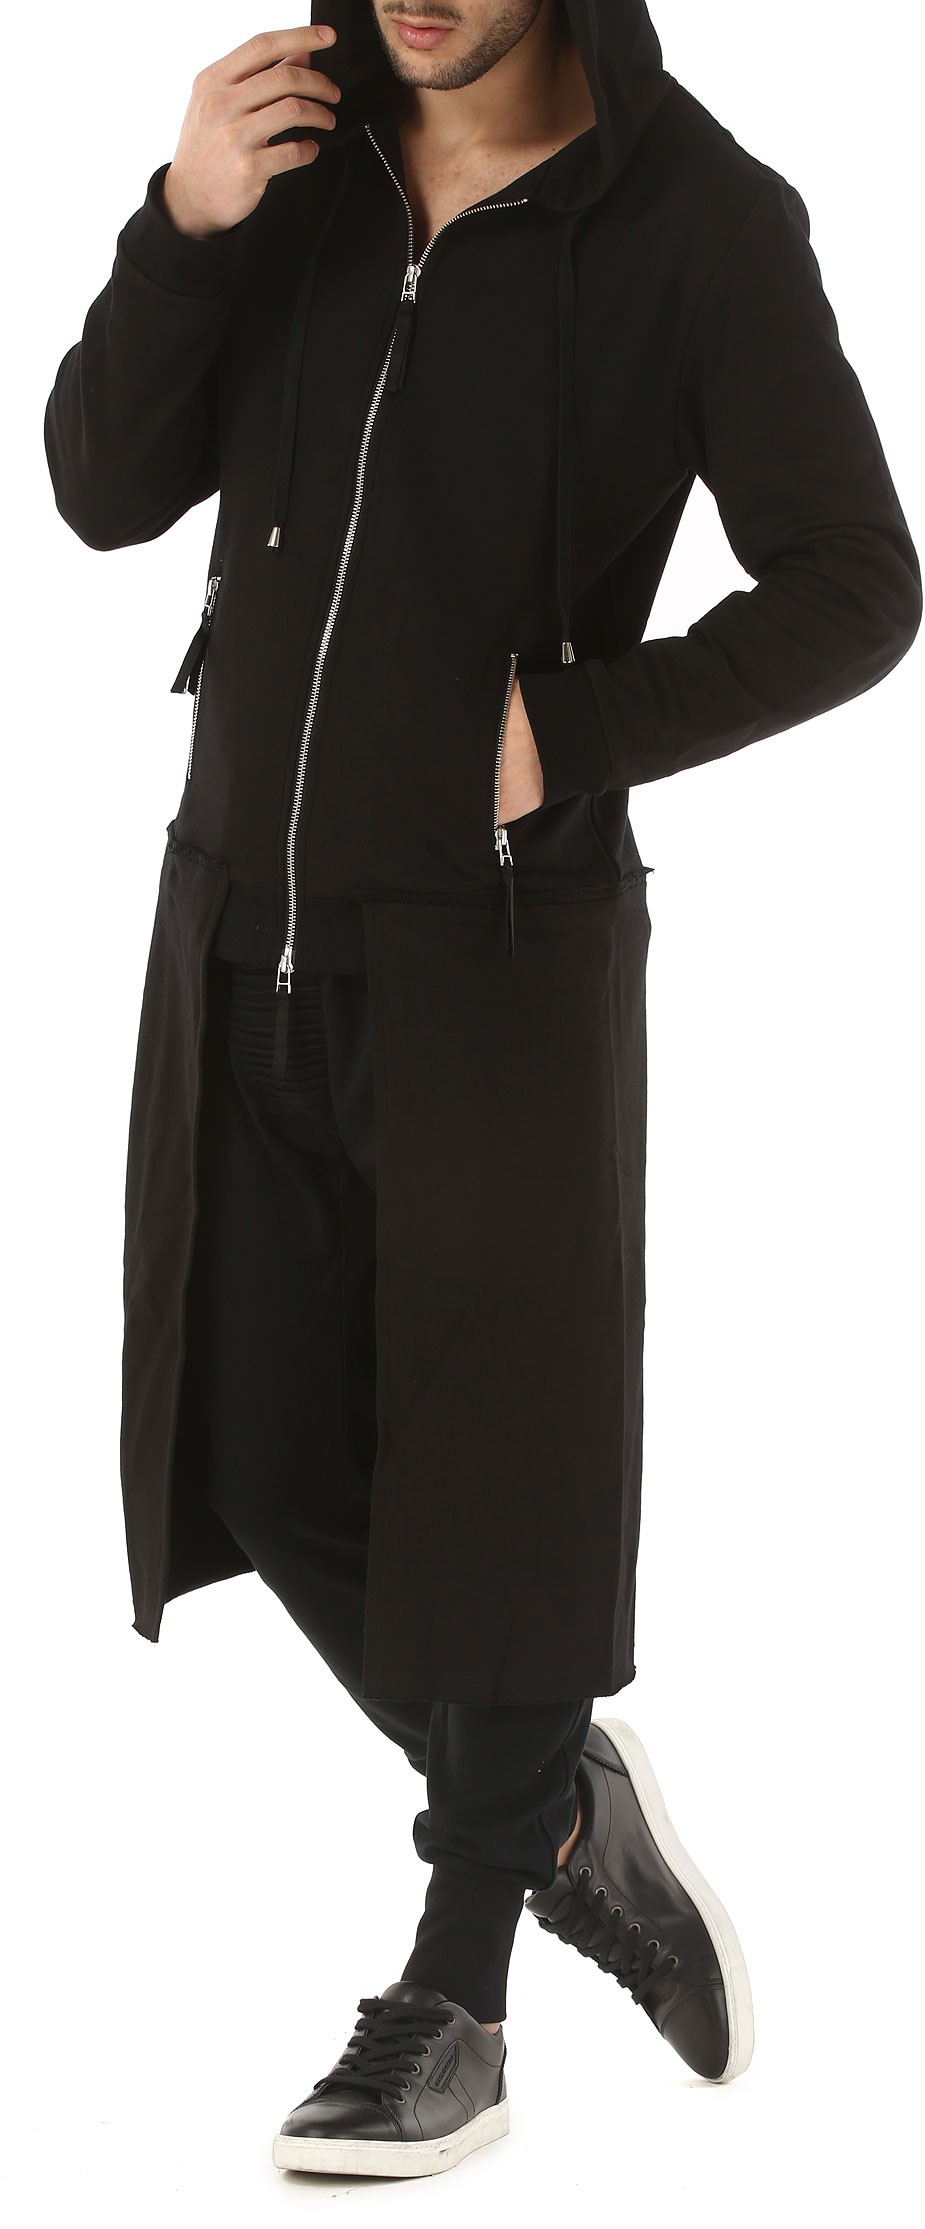 Abbigliamento Uomo Unconditional, Codice Articolo: hc2c-pip2-ner